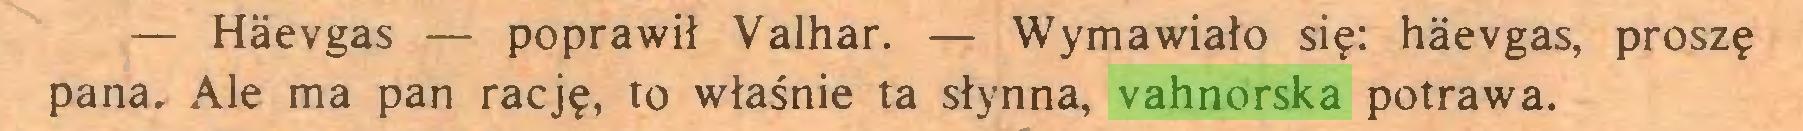 (...) — Haevgas — poprawił Valhar. — Wymawiało się: haevgas, proszę pana, Ale ma pan rację, to właśnie ta słynna, vahnorska potrawa...